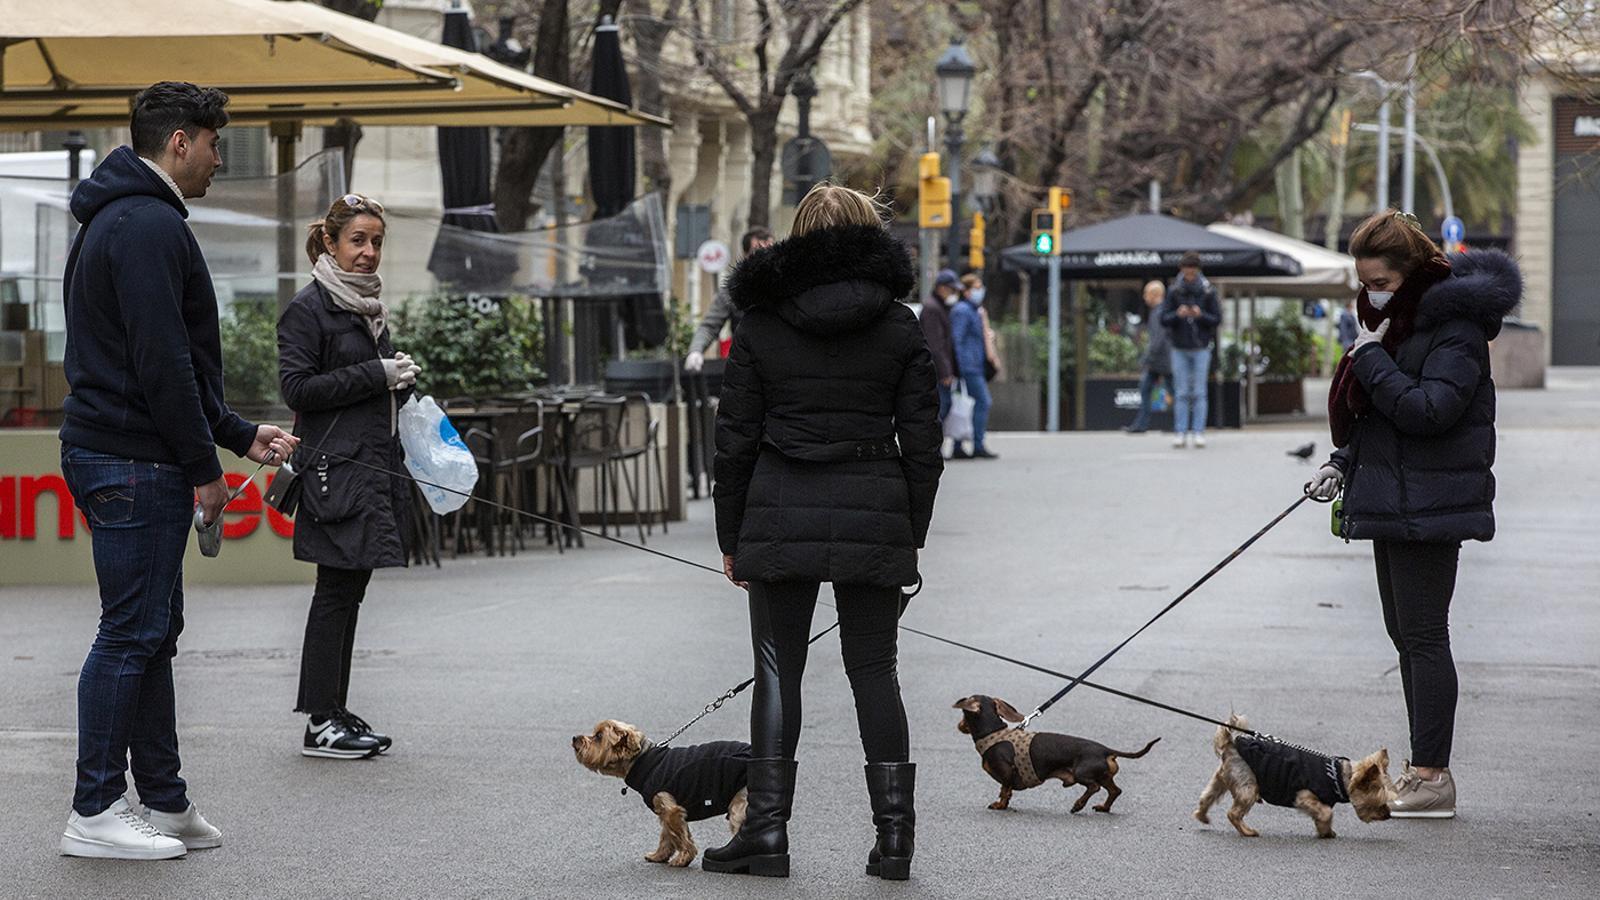 Diverses persones passejant el gos